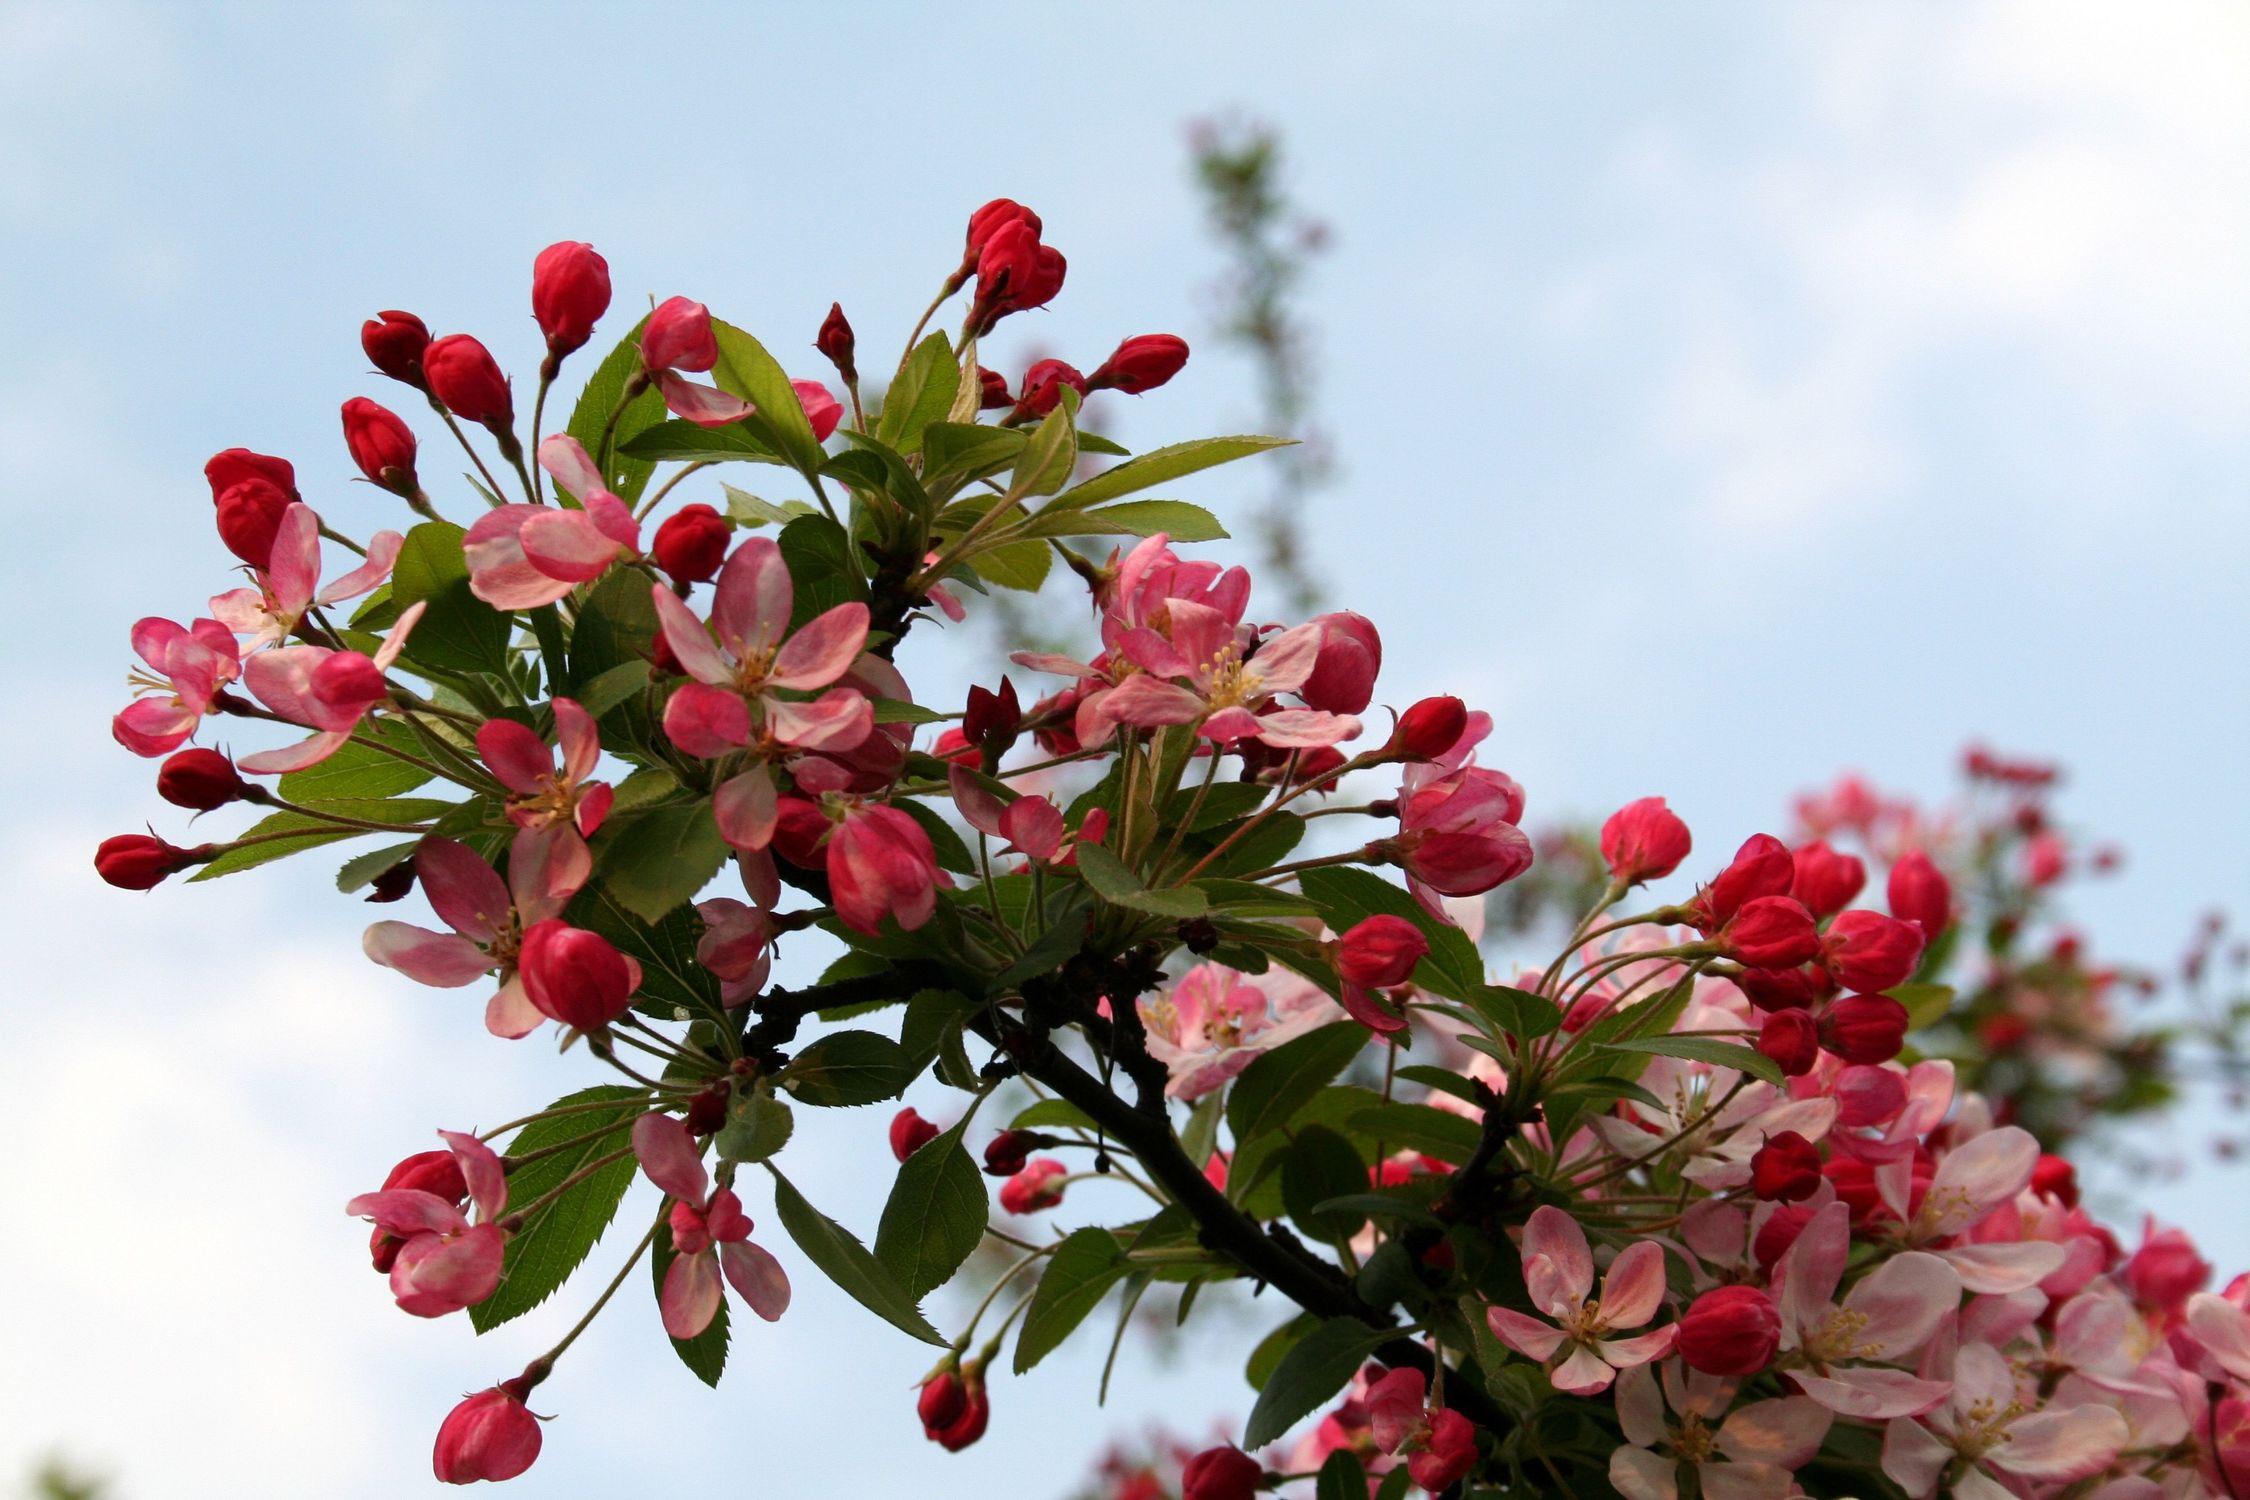 Bild mit Natur, Pflanzen, Bäume, Jahreszeiten, Blumen, Frühling, Blume, Pflanze